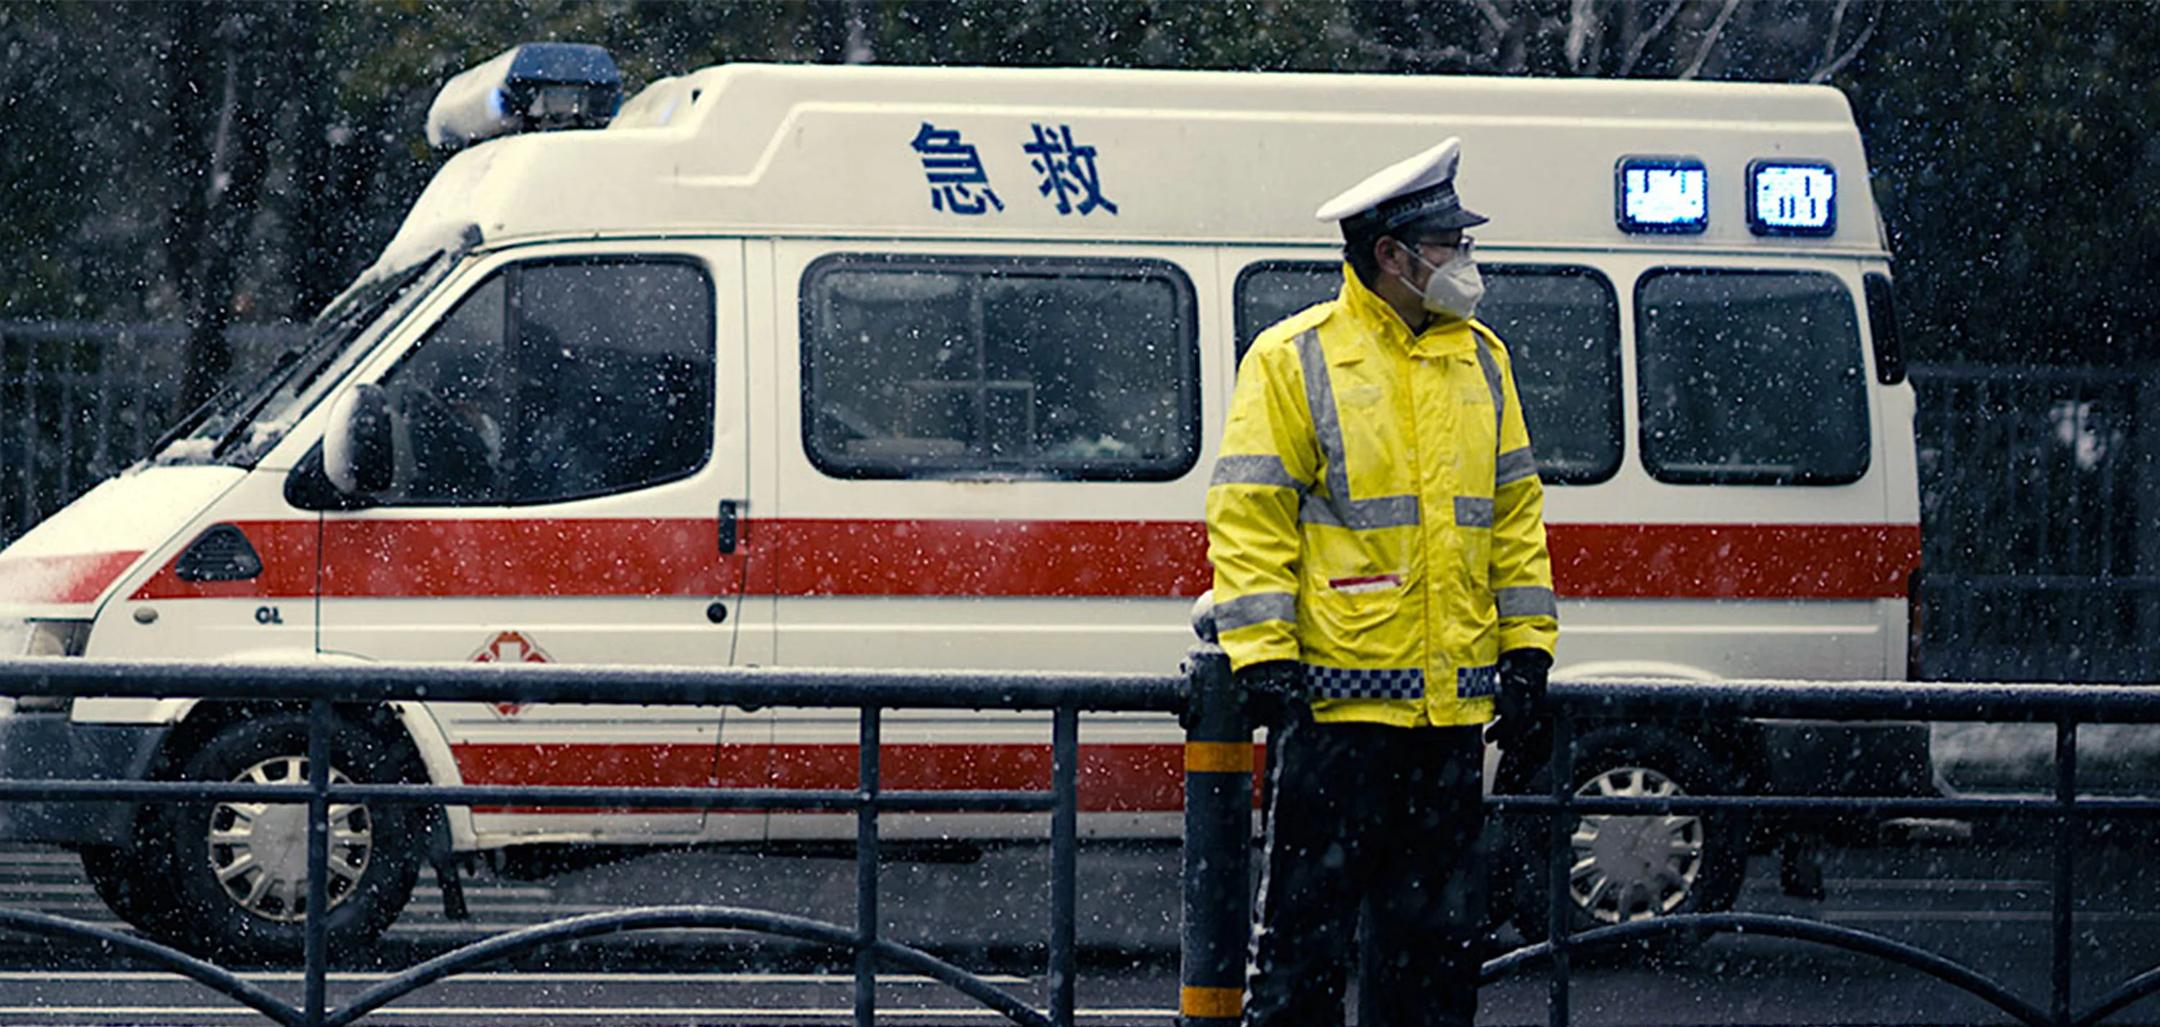 76 days ambulance 2160x1027.png